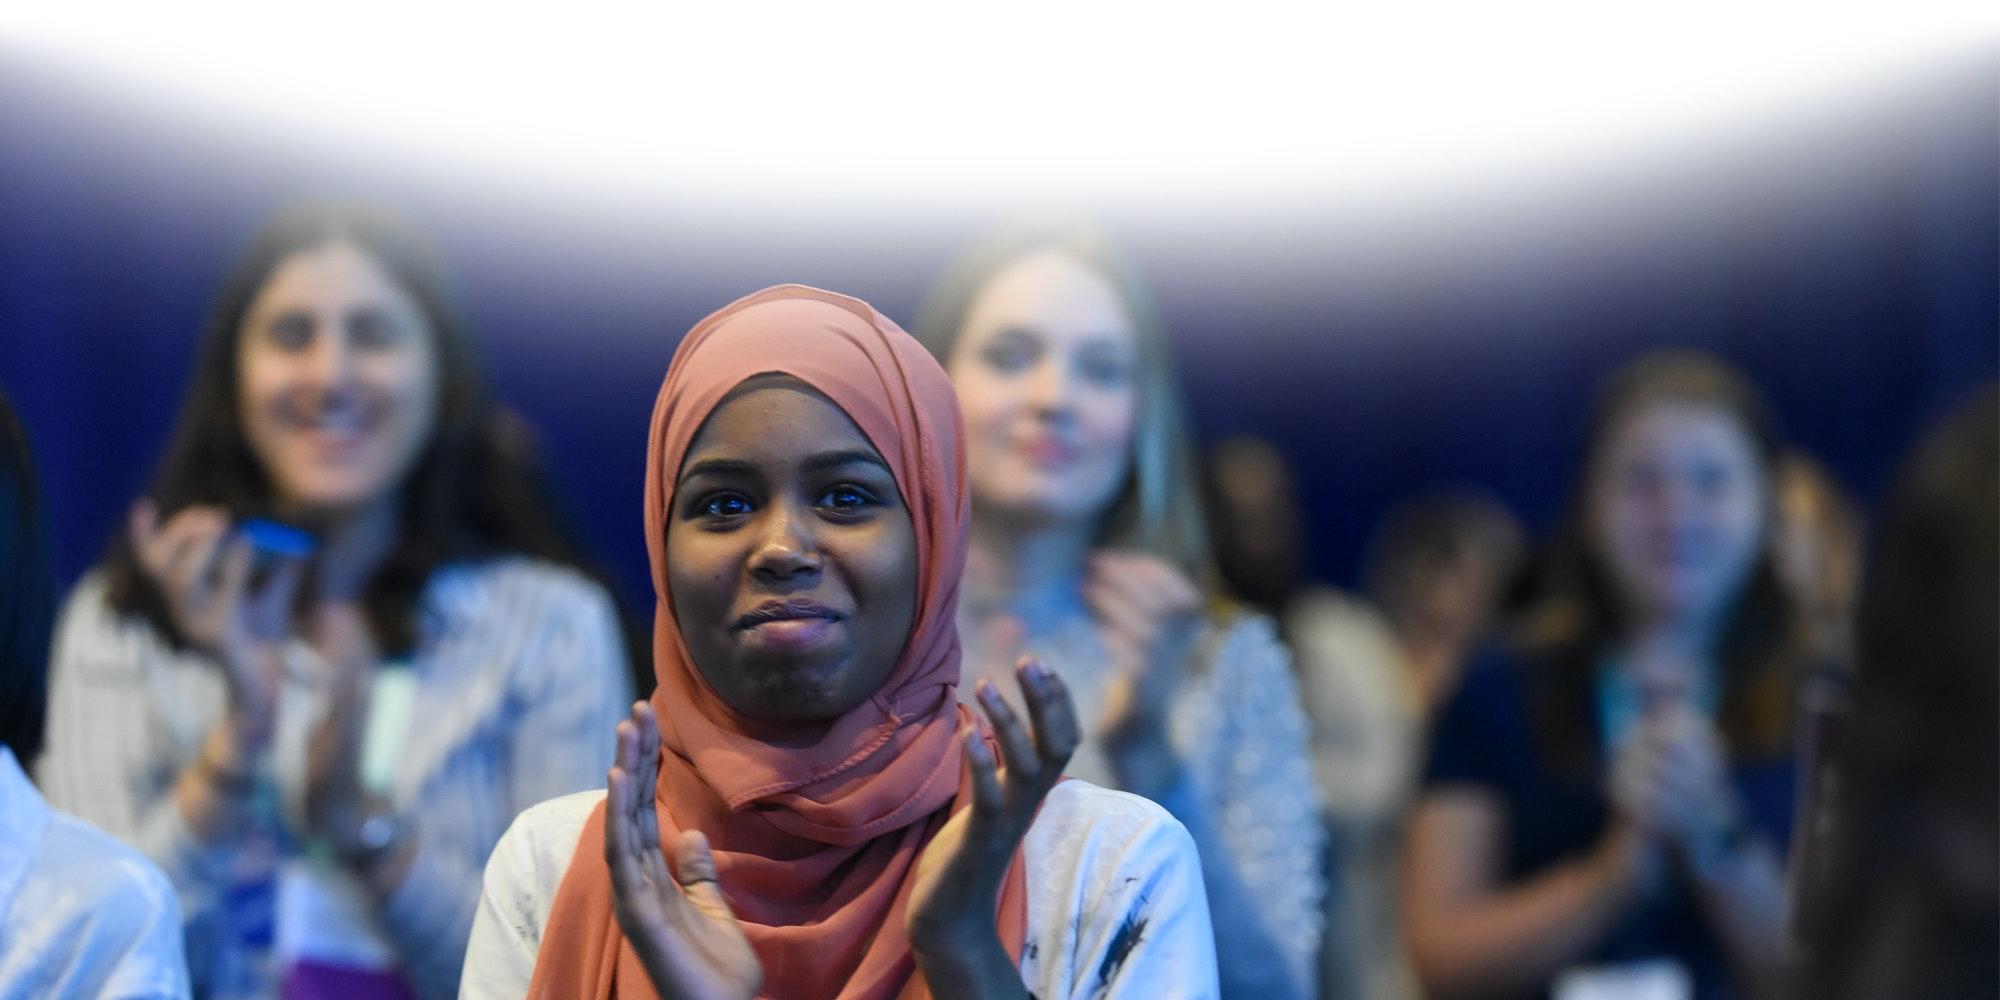 一名女孩戴着粉色头巾,面带微笑拍手